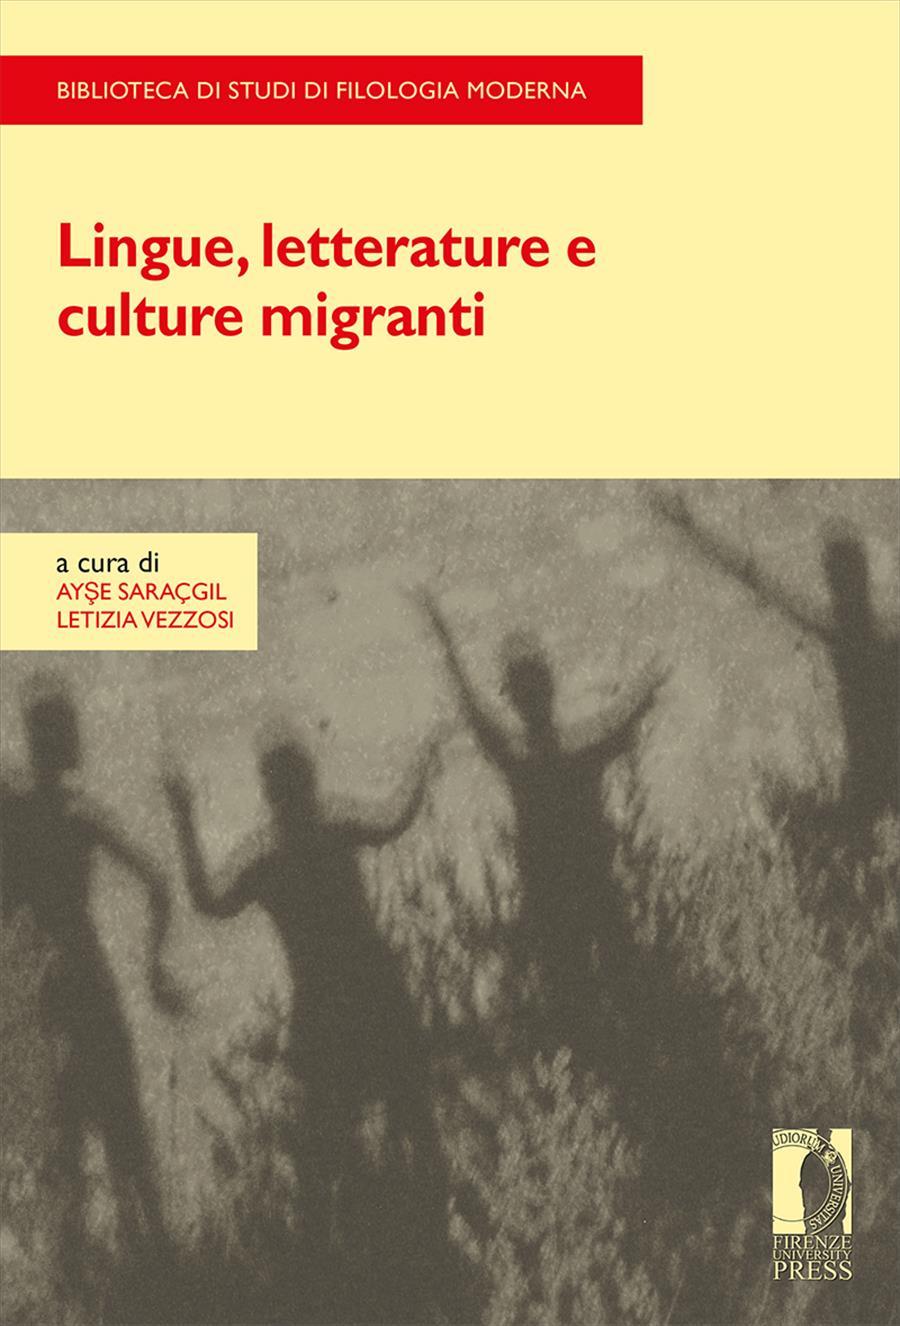 Lingue, letterature e culture migranti